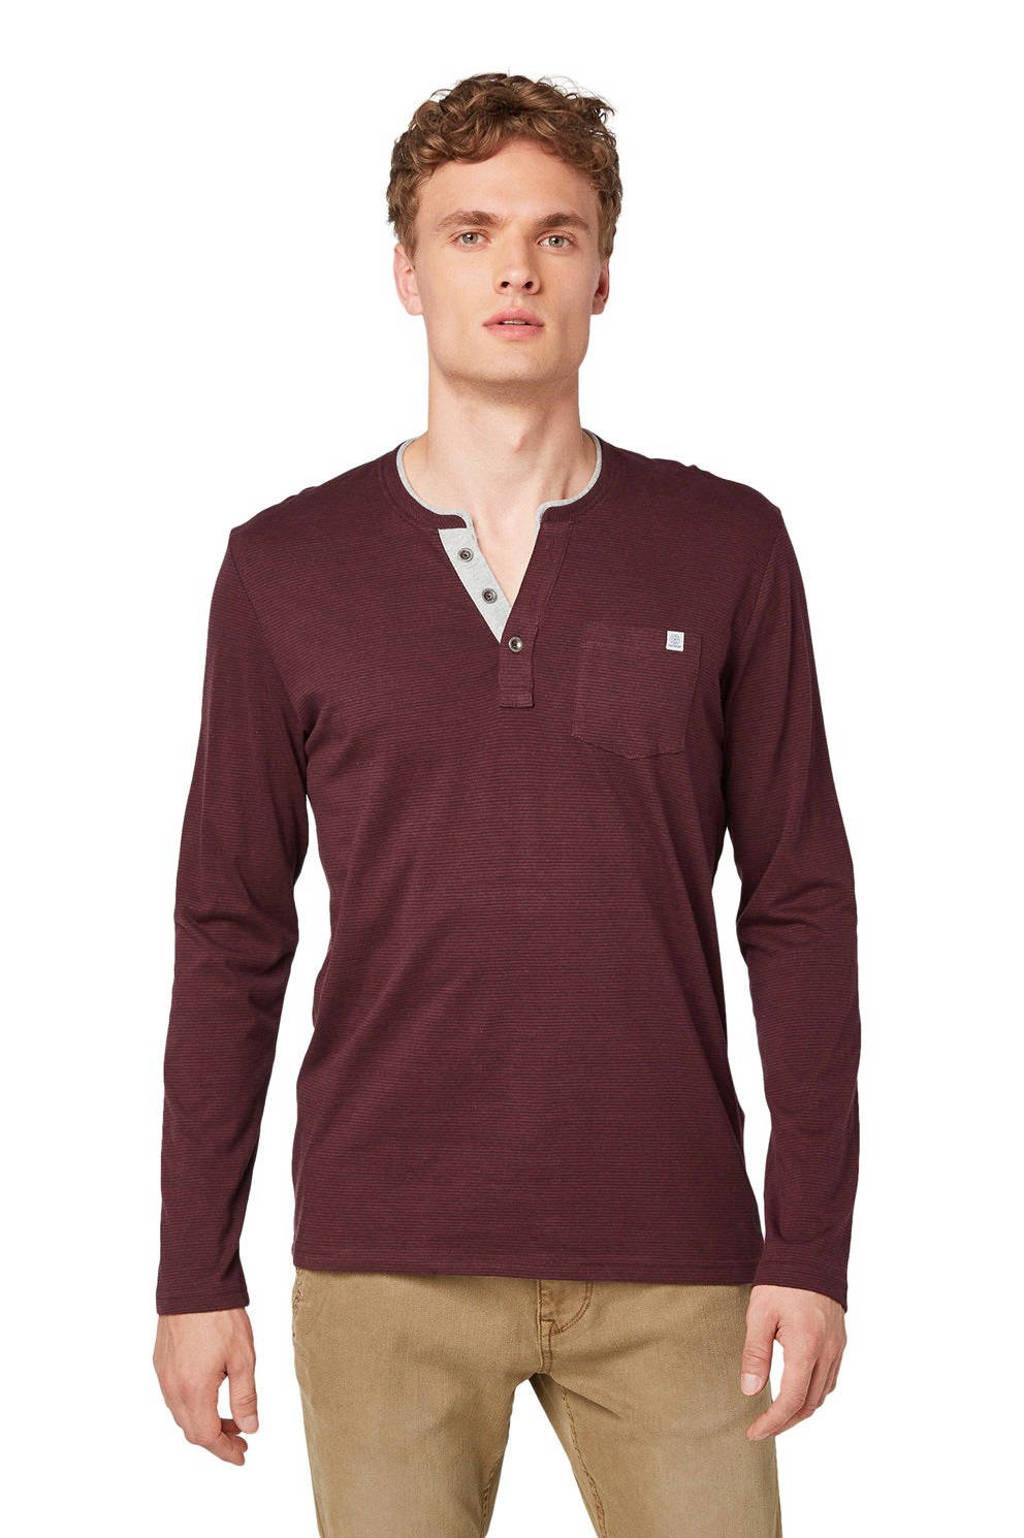 Tom Tailor gestreept T-shirt donkerrood, Donkerrood